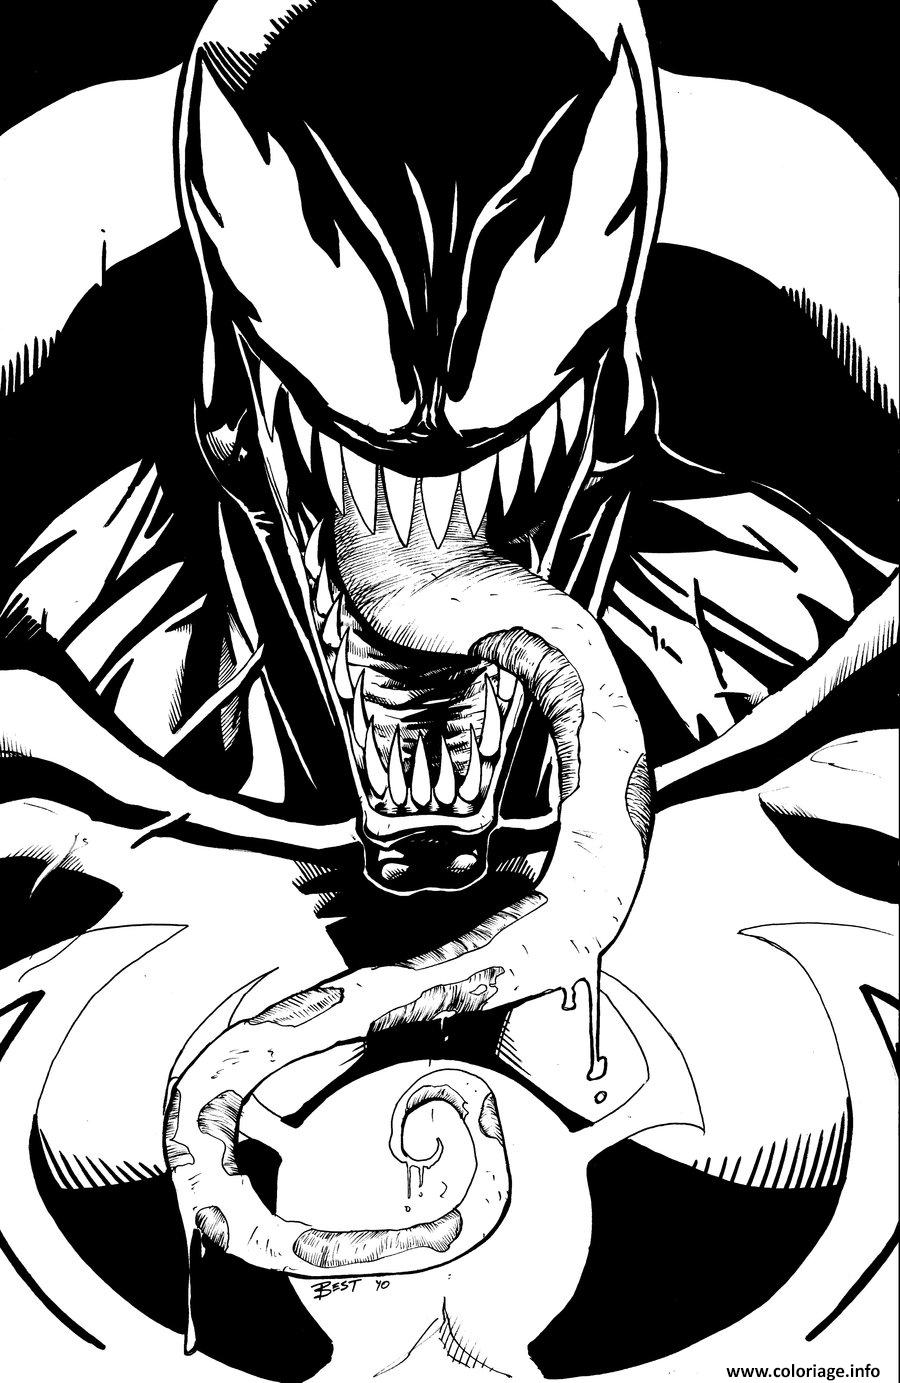 Coloriage heroes con venom by bestrrr - Coloriage venom ...